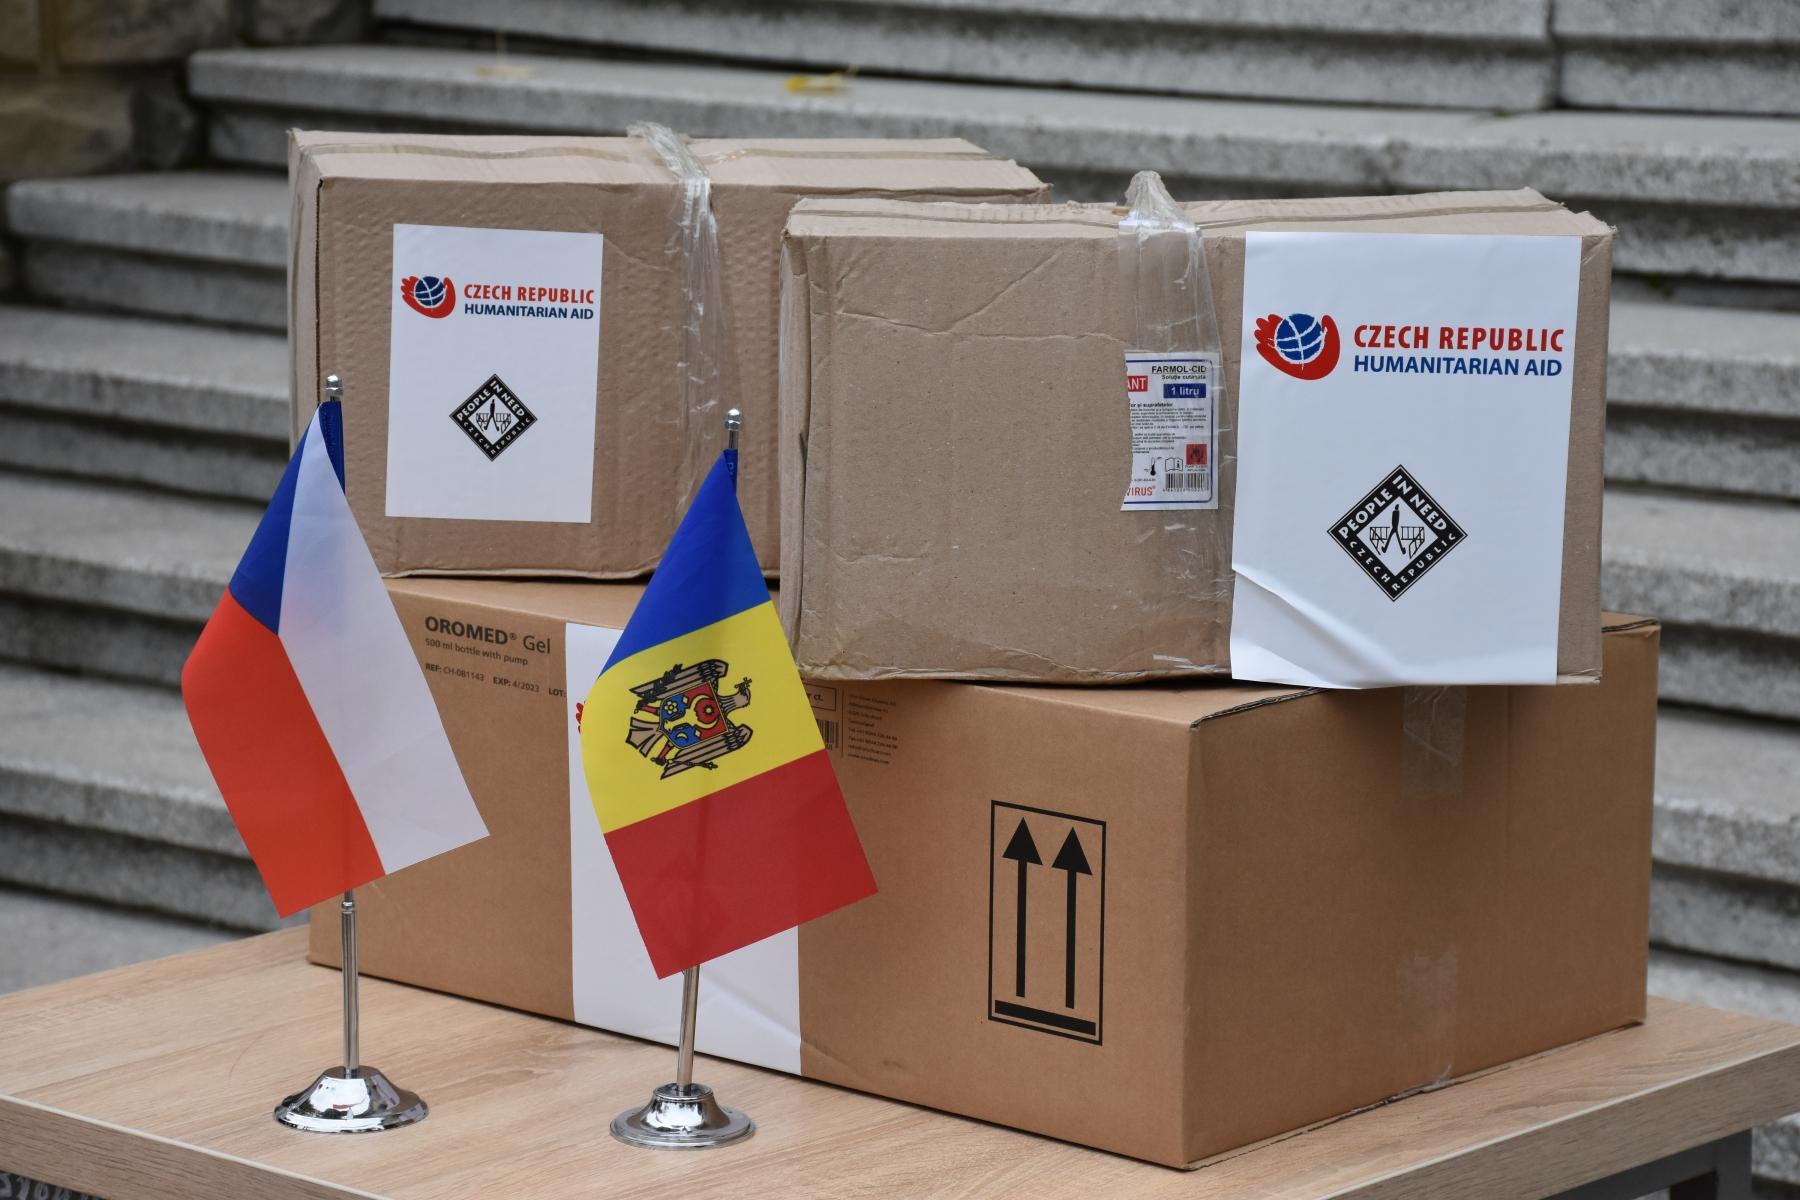 Cehia a donat Moldovei un lot de măști și costume de protecție pentru lucrătorii medicali